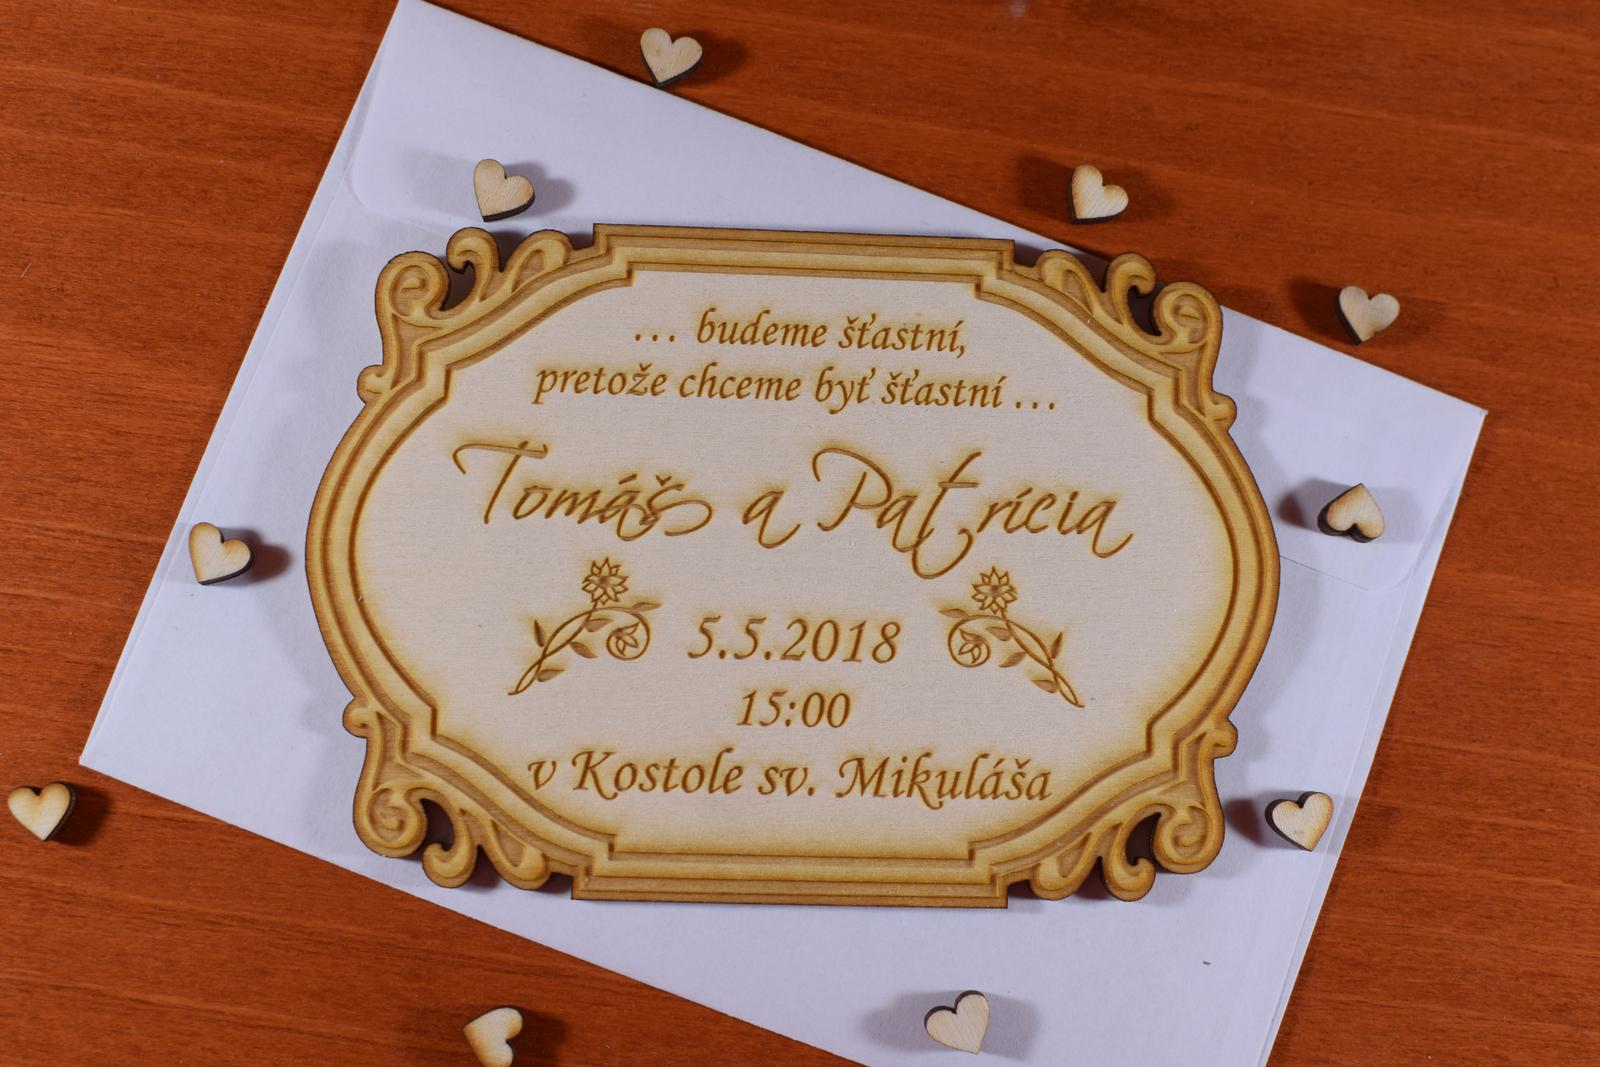 Svadobné oznámenie drevené gravírované 3 - Obrázok č. 1